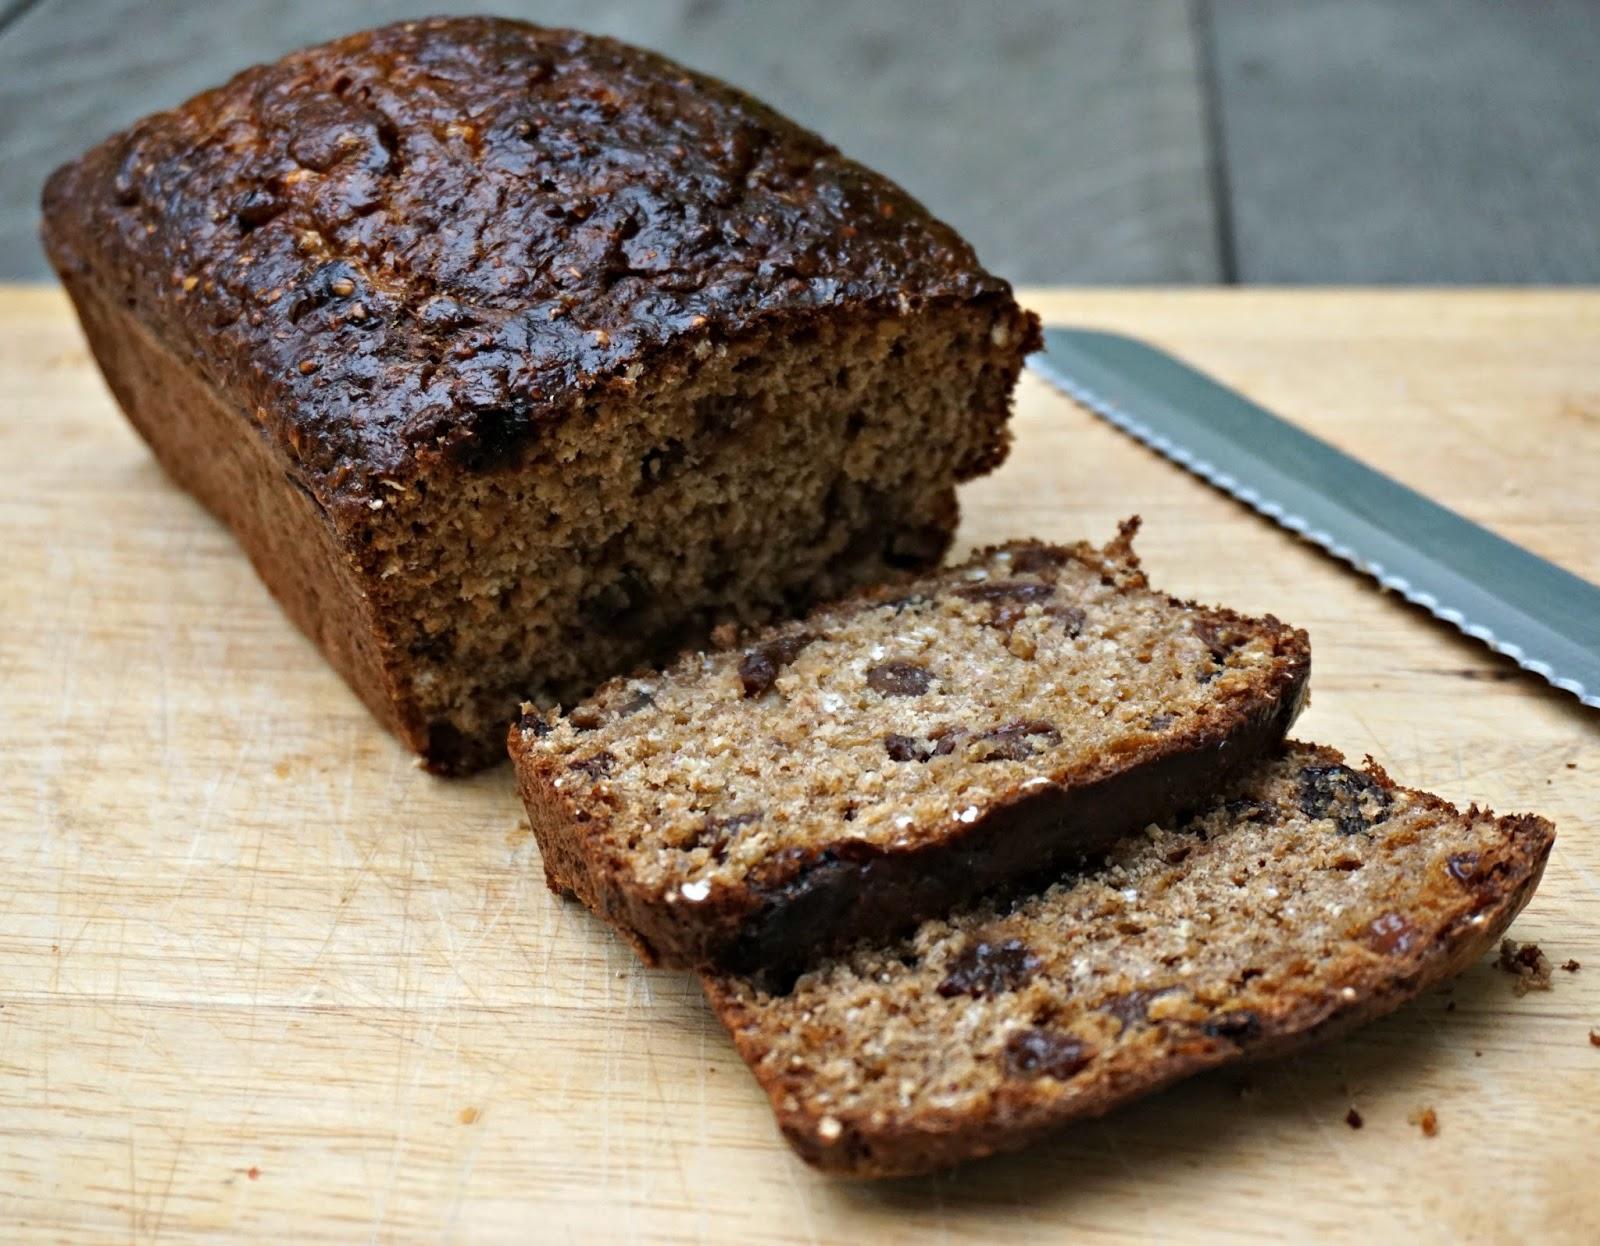 Risultati immagini per soda bread dublin